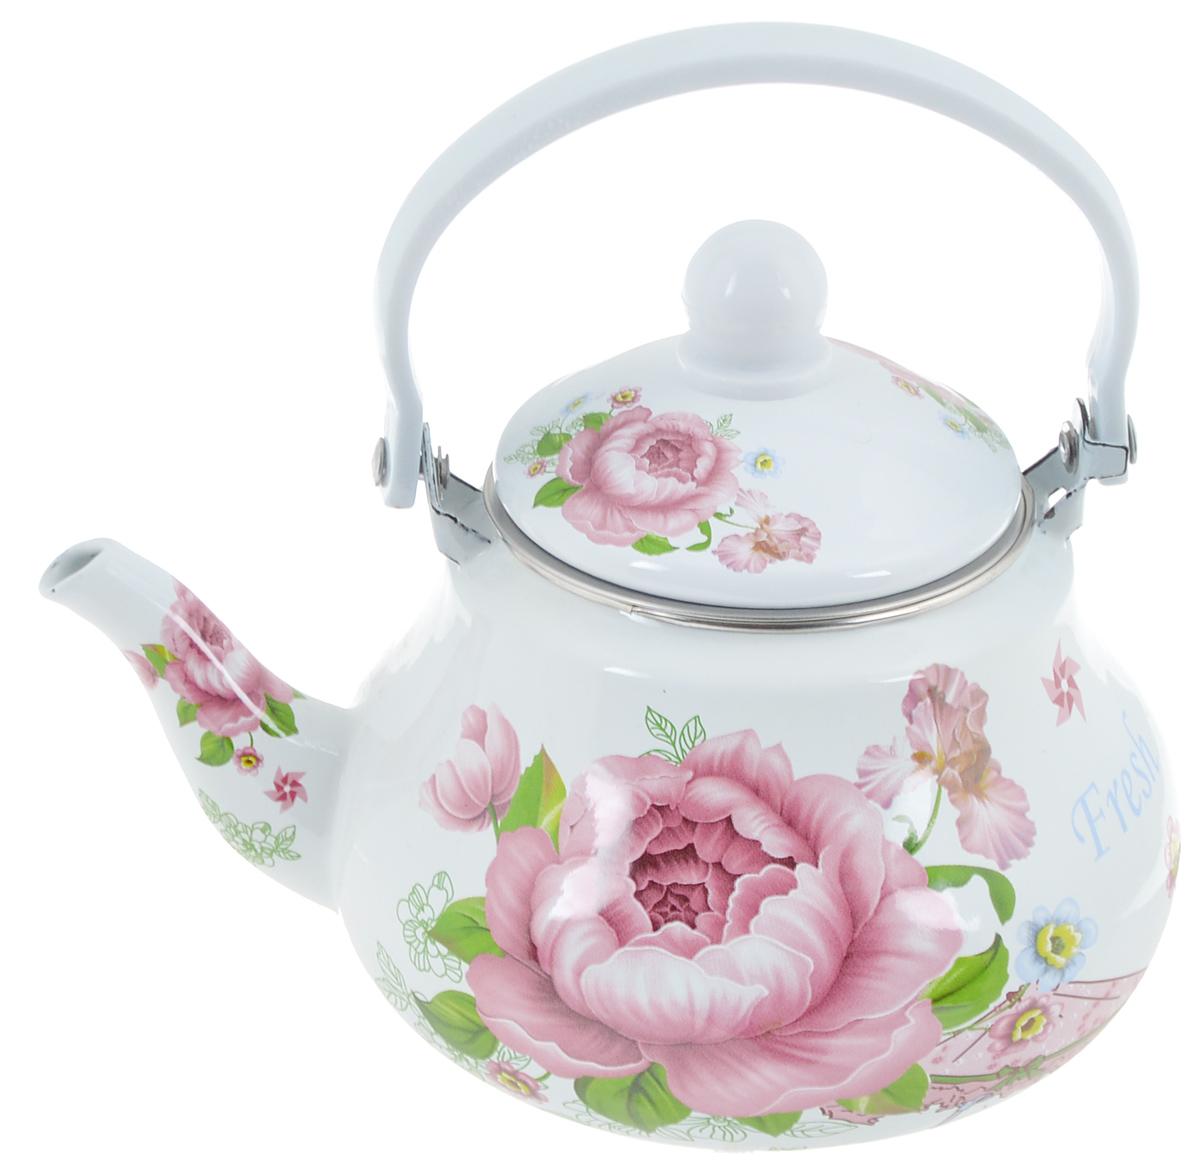 Чайник заварочный Mayer & Boch Роза, 1,5 л. 23987115510Заварочный чайник Mayer & Boch Роза изготовлен из высококачественной углеродистой стали с эмалированным покрытием. Такое покрытие защищает сталь от коррозии, придает посуде гладкую стекловидную поверхность и надежно защищает от кислот и щелочей. Изделие прекрасно подходит для заваривания вкусного и ароматного чая, травяных настоев. Чайник оснащен сетчатым фильтром, который задерживает чаинки и предотвращает их попадание в чашку. Оригинальный дизайн сделает чайник настоящим украшением стола. Он удобен в использовании и понравится каждому. Подходит для использования на газовых, стеклокерамических, электрических, галогеновых и индукционных плитах. Можно мыть в посудомоечной машине. Диаметр чайника (по верхнему краю): 9,8 см. Высота чайника (без учета крышки): 10,7 см.Толщина стенок: 0,8 мм.